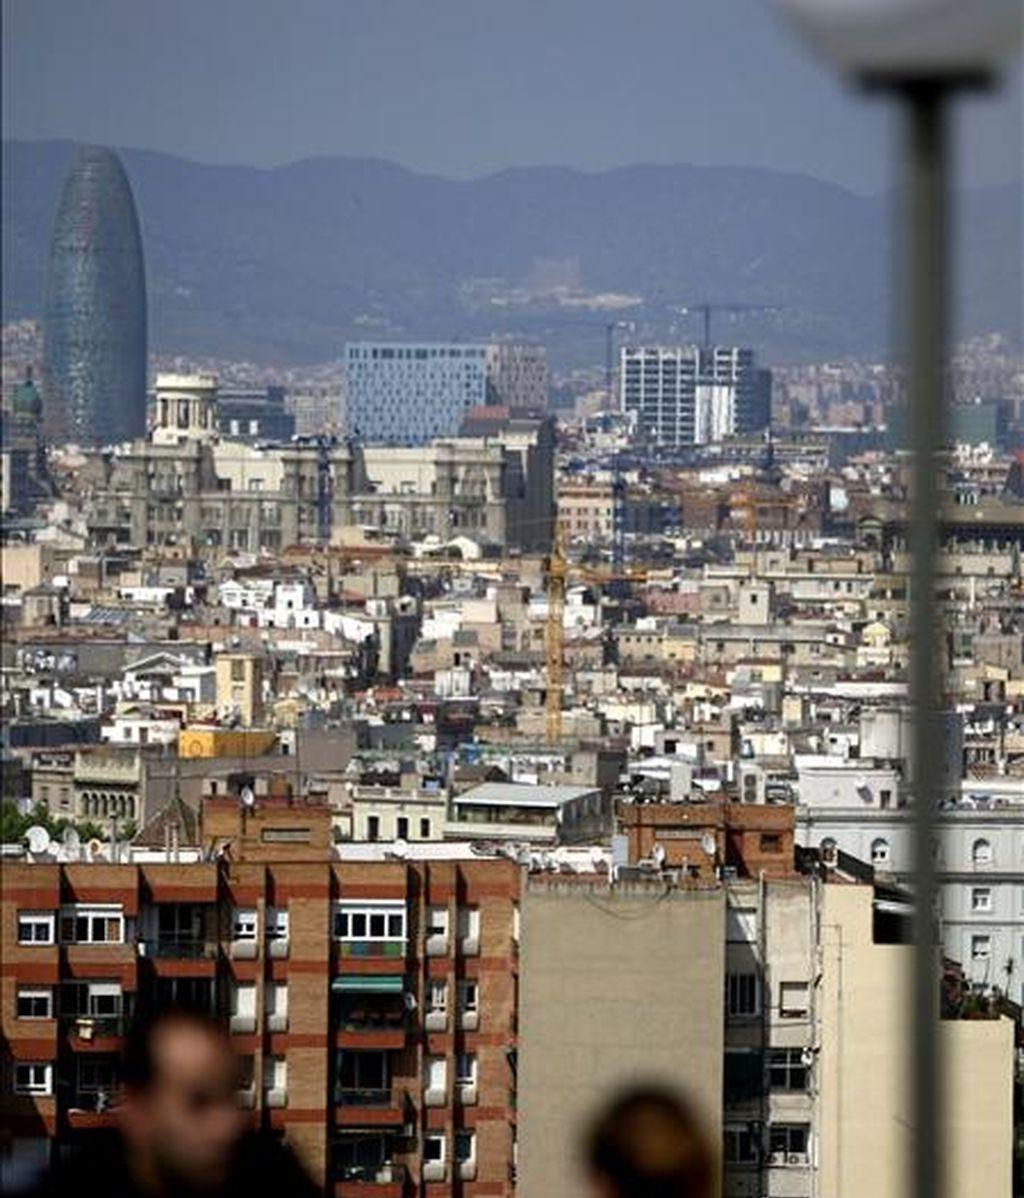 Vista panorámica de la ciudad de Barcelona con la Torre Agbar. EFE/Archivo